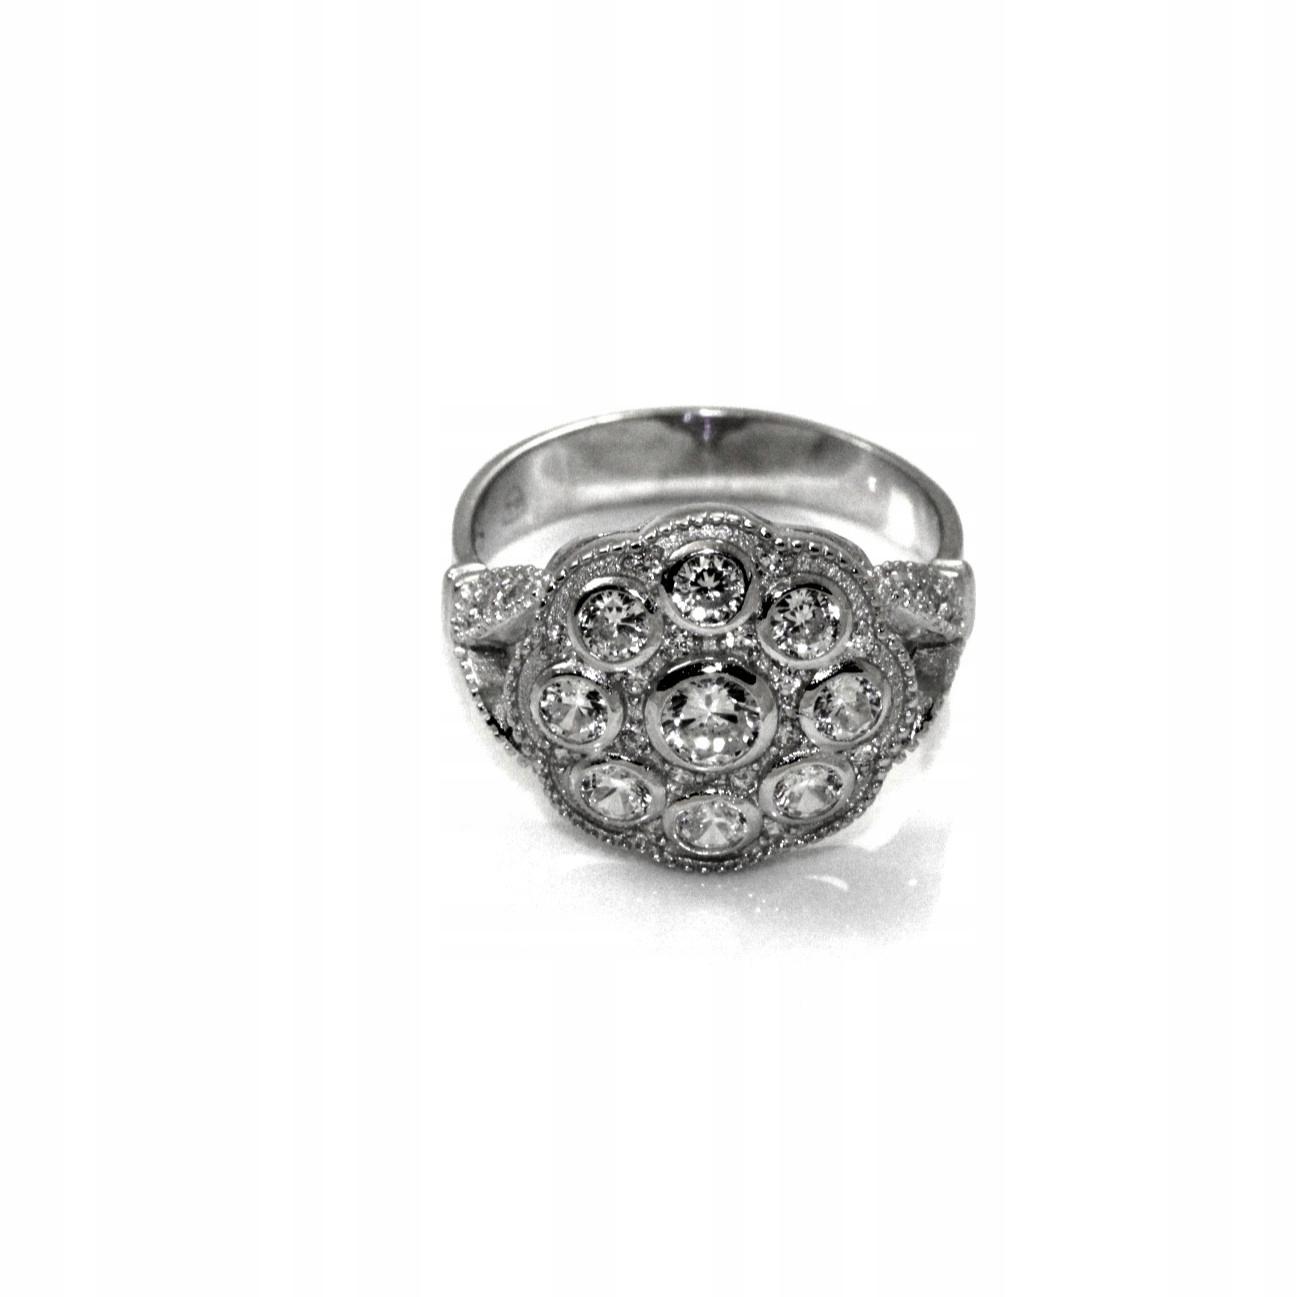 Retro strieborný prsteň s kubickým zirkónom 20